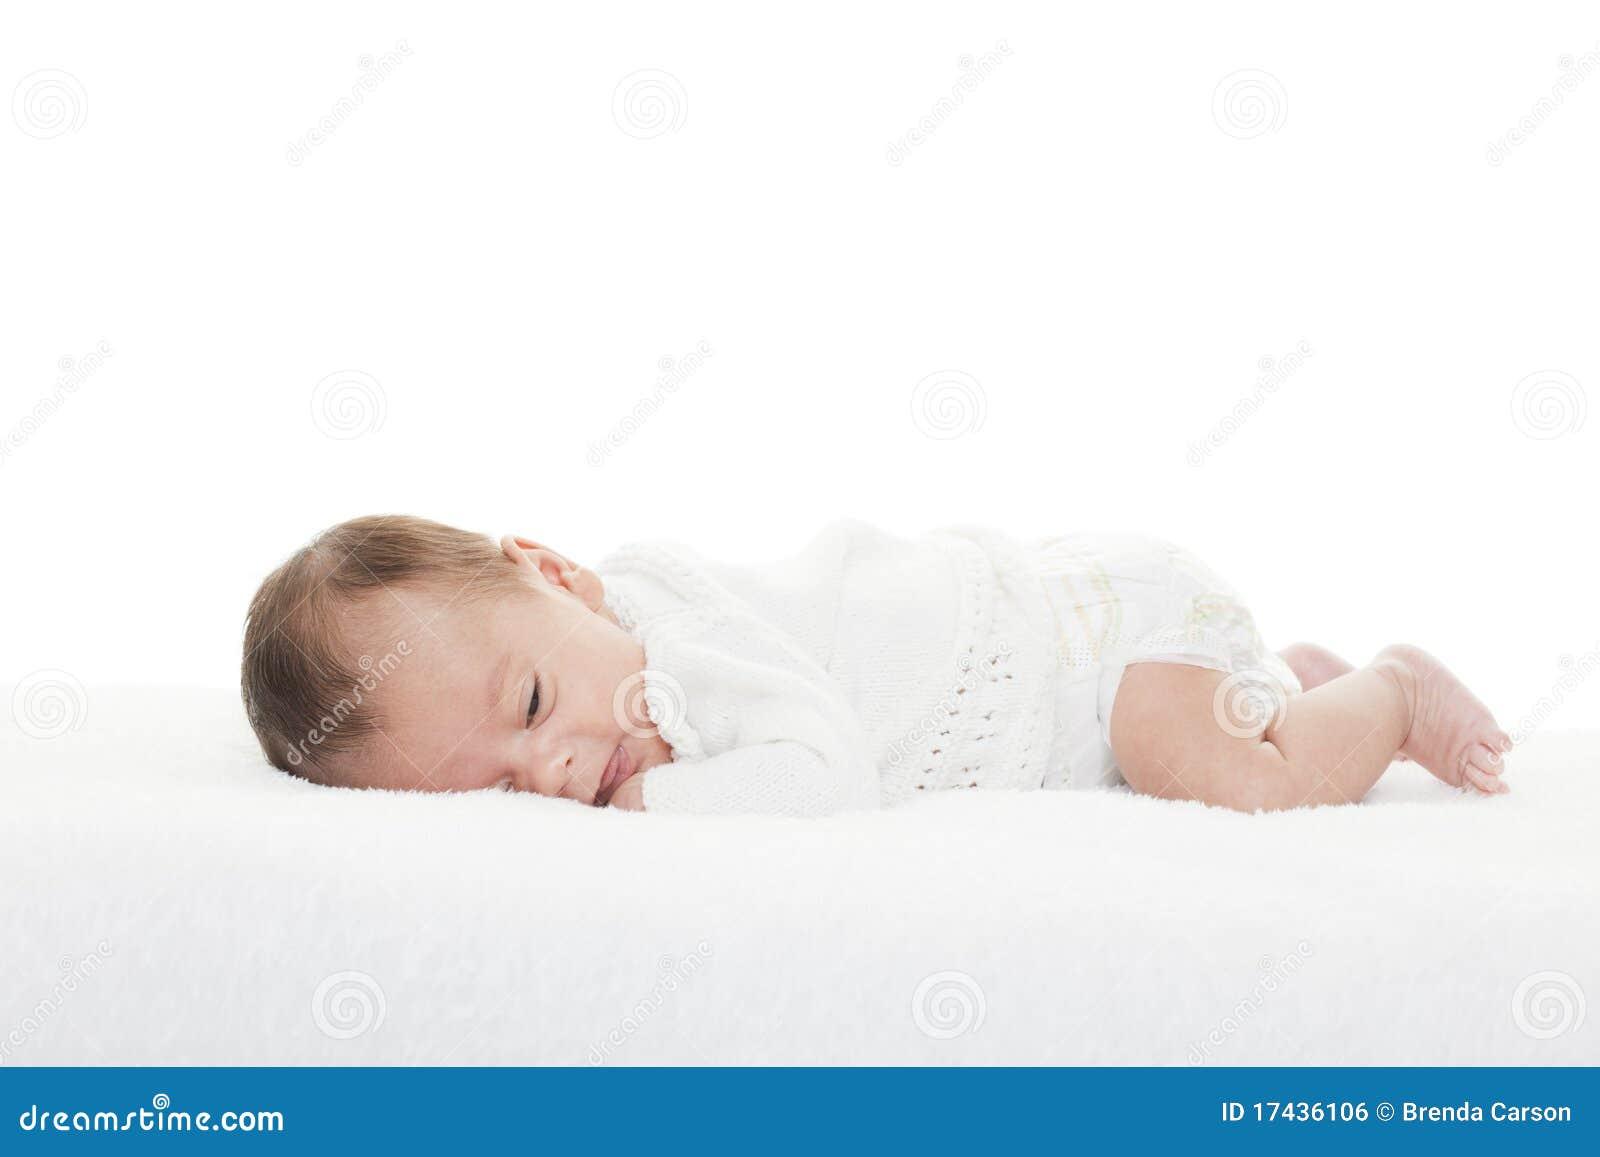 新出生的婴儿